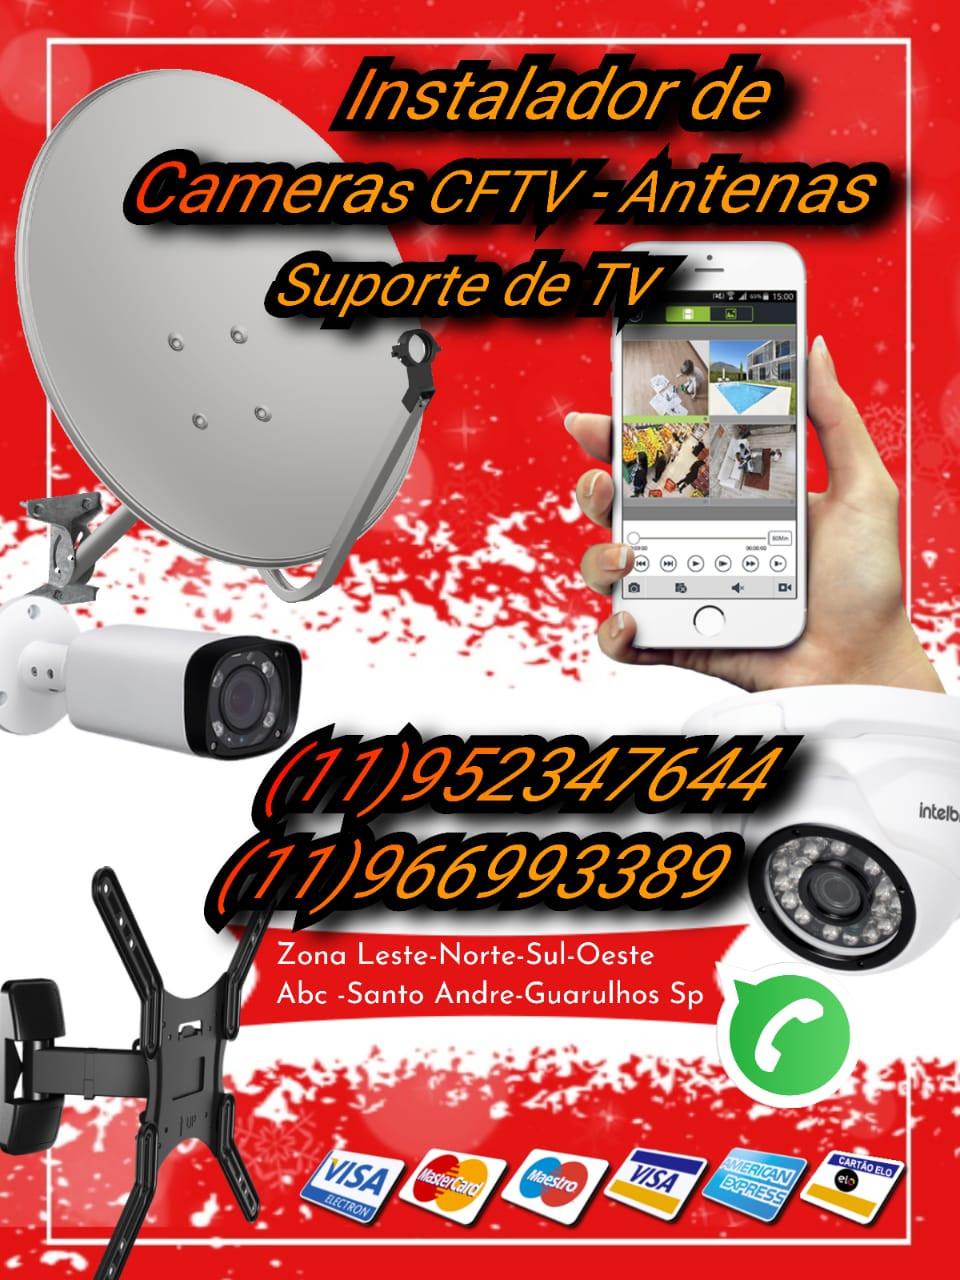 antenista instalador de antenas na Cidade Tiradentes zona leste de são paulo instalação de antenas tecnico de antenas digital, antenas parabólicas, ajuste de sinal apontamento de antena via satelite banda ku , instalador de antenas sp.